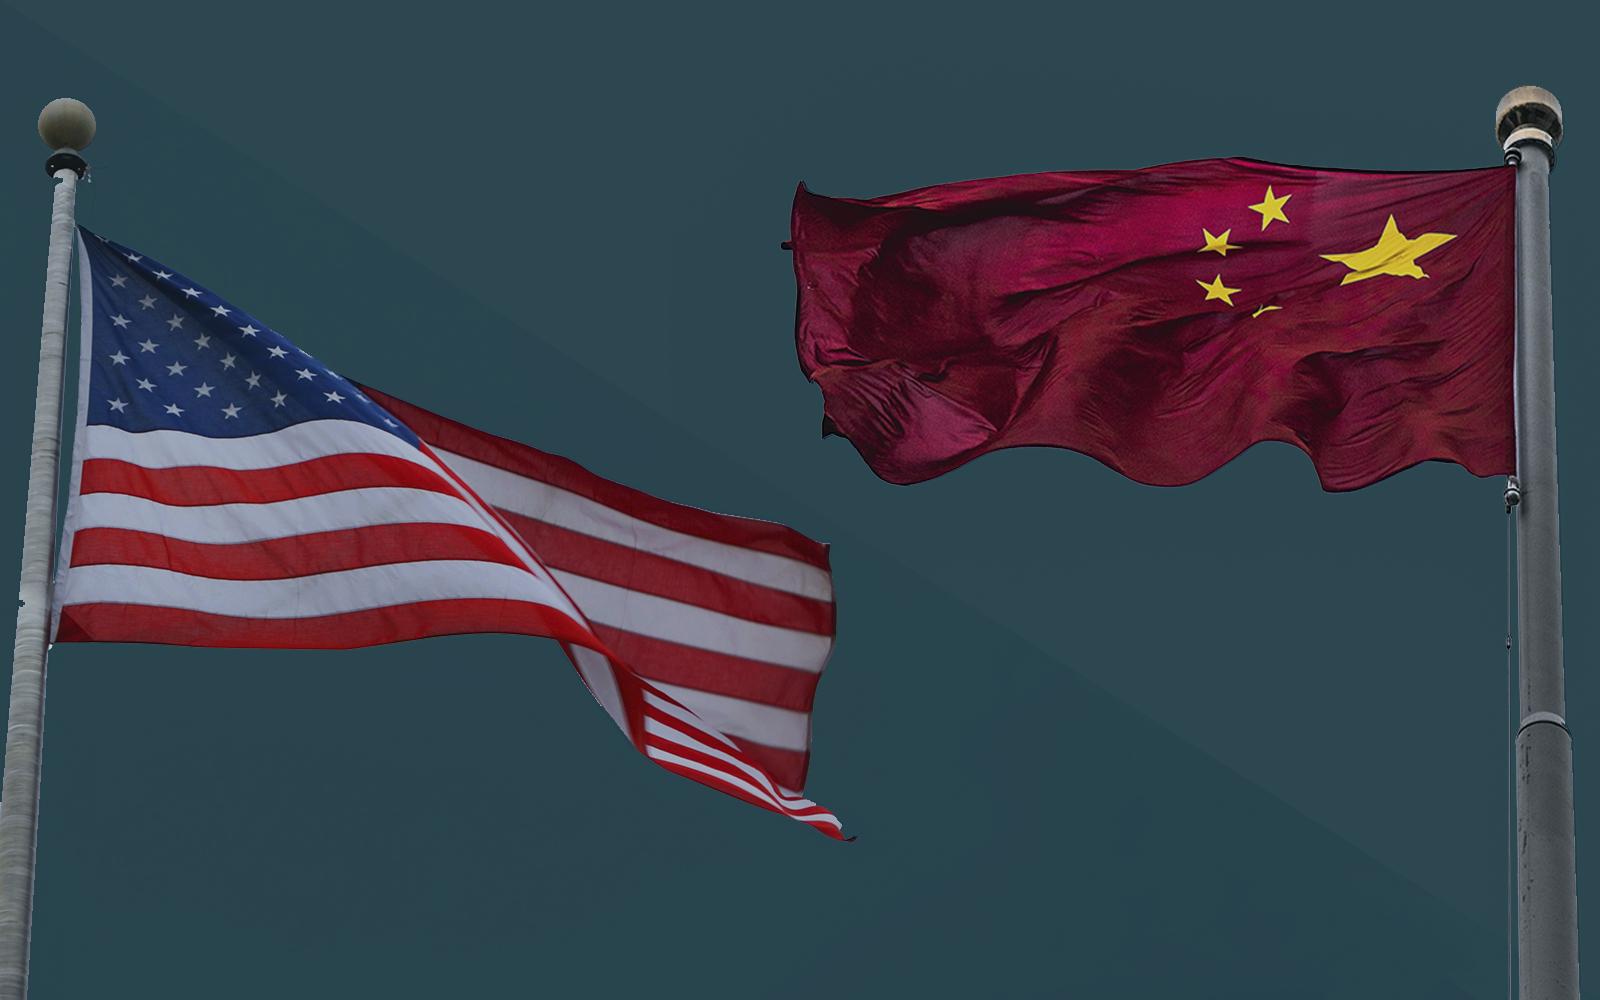 Entenda as principais disputas entre EUA e China